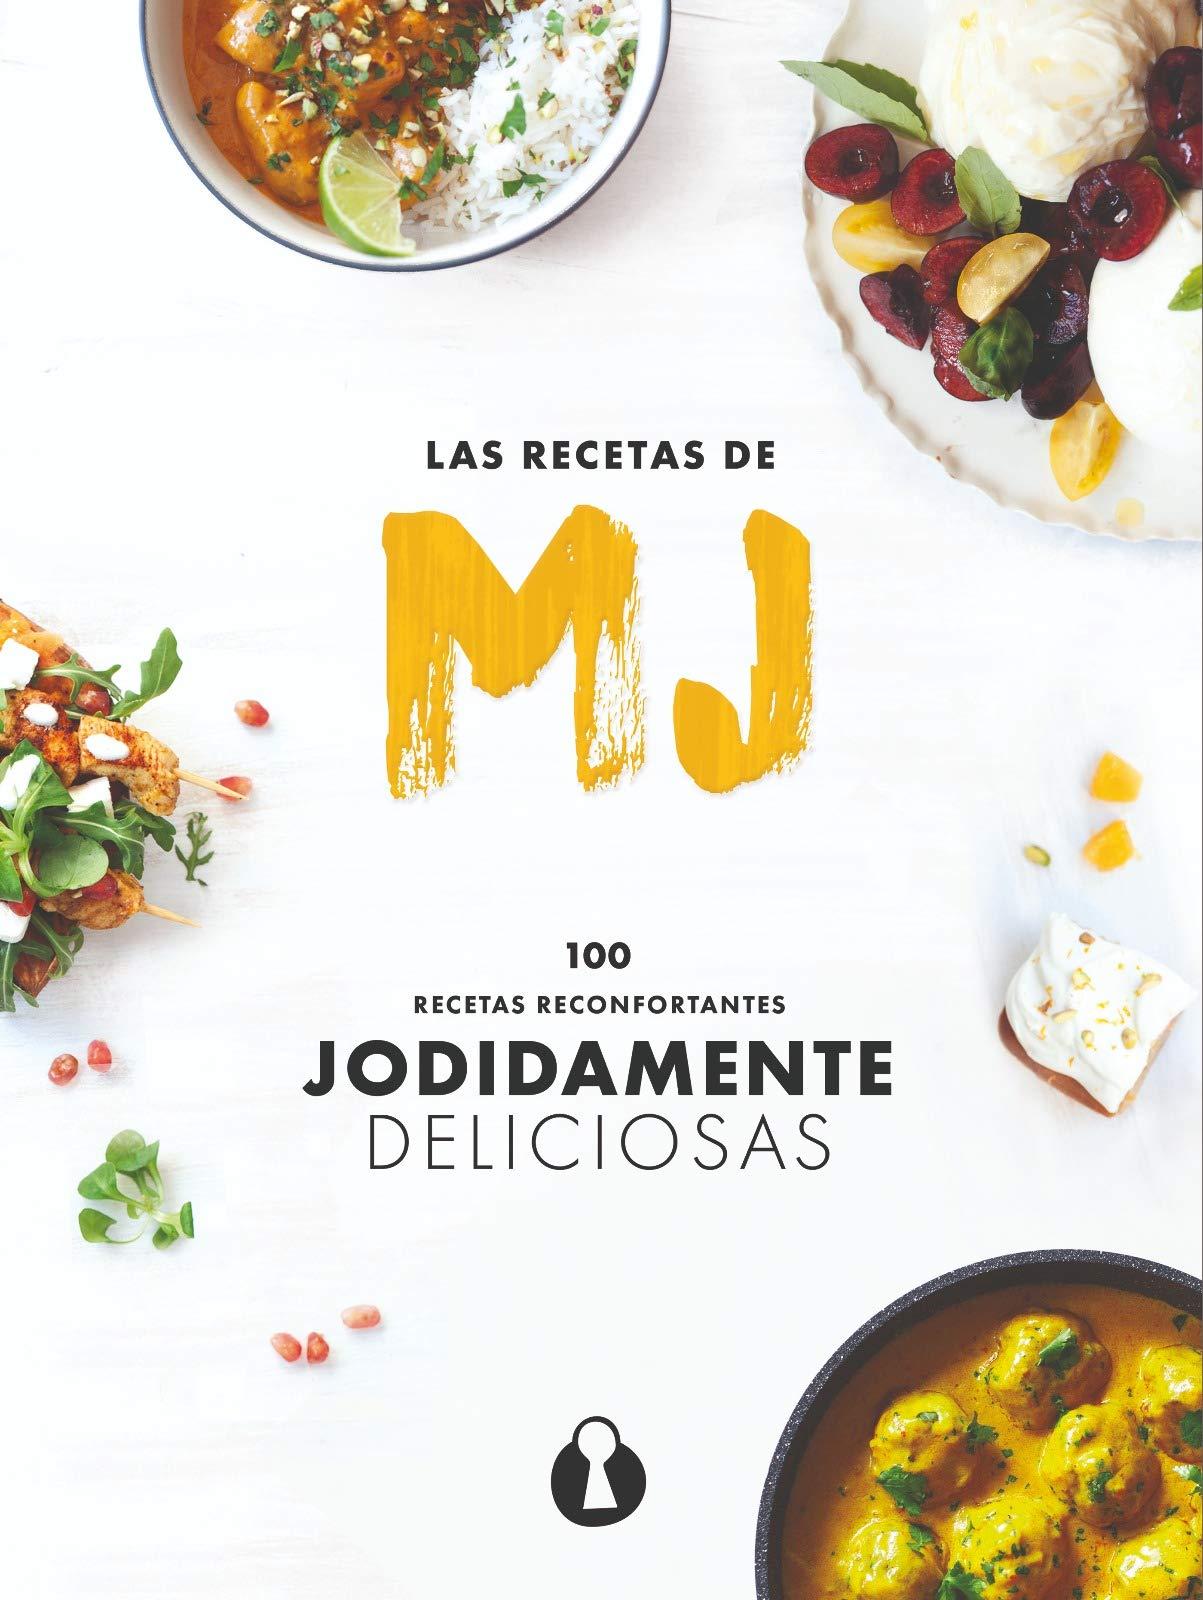 Las Recetas de MJ: 100 recetas reconfortantes jodidamente deliciosas (Hilos de Ariadna)